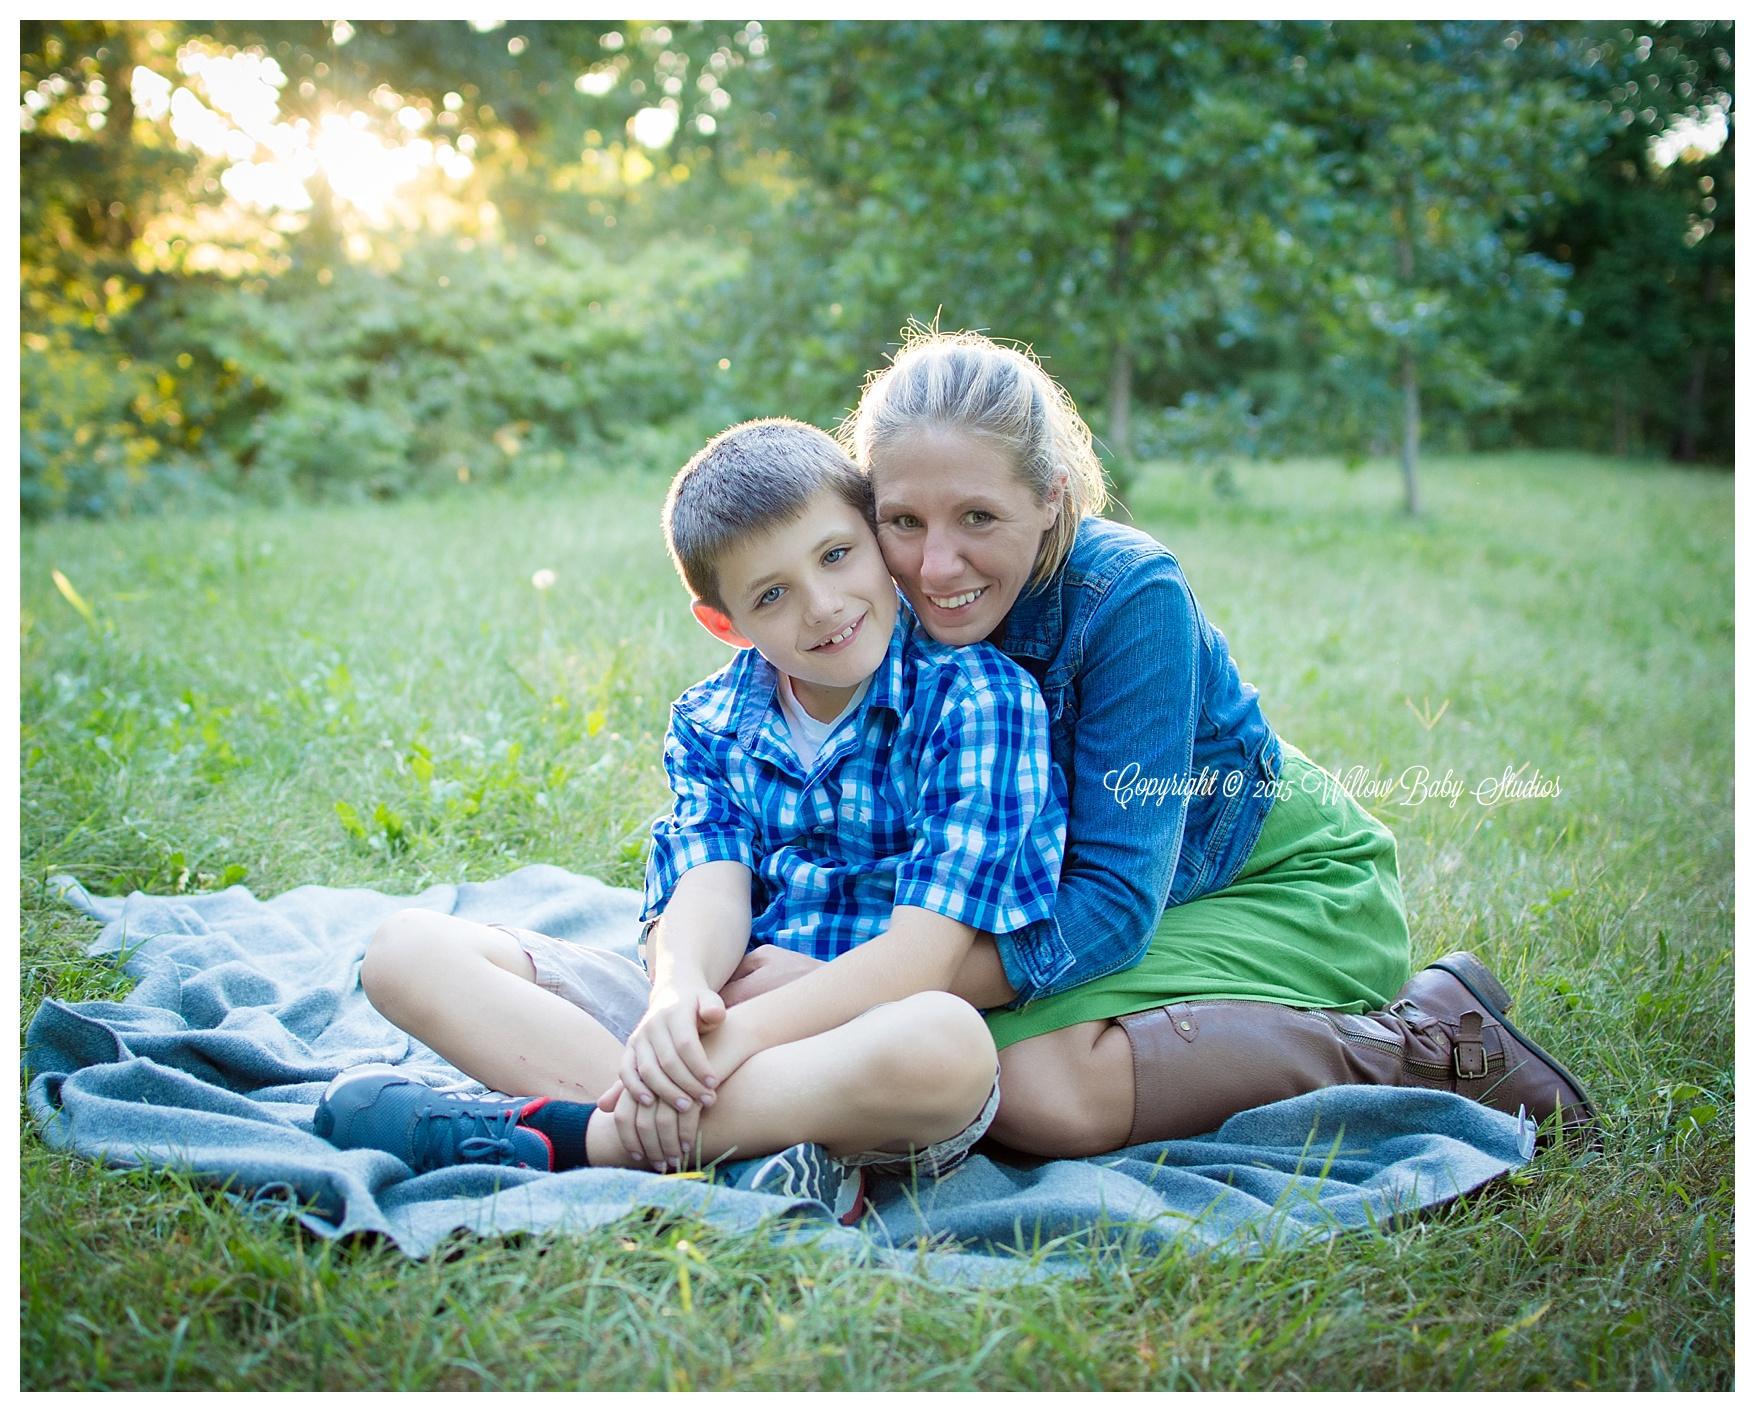 Arlington_ma_family_photography-05